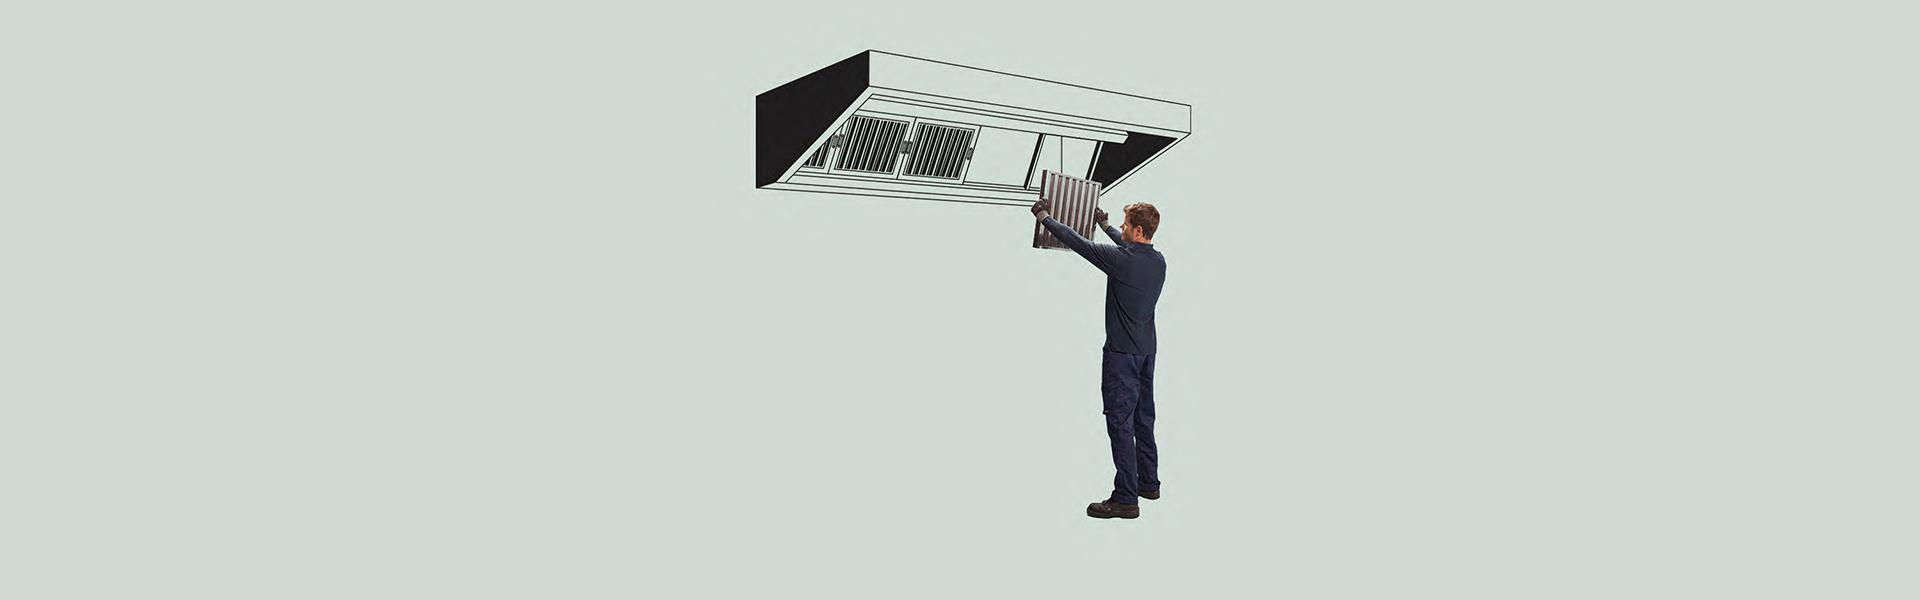 Limpieza de filtros de campana harmoniaenergy - Limpiar campana extractora ...